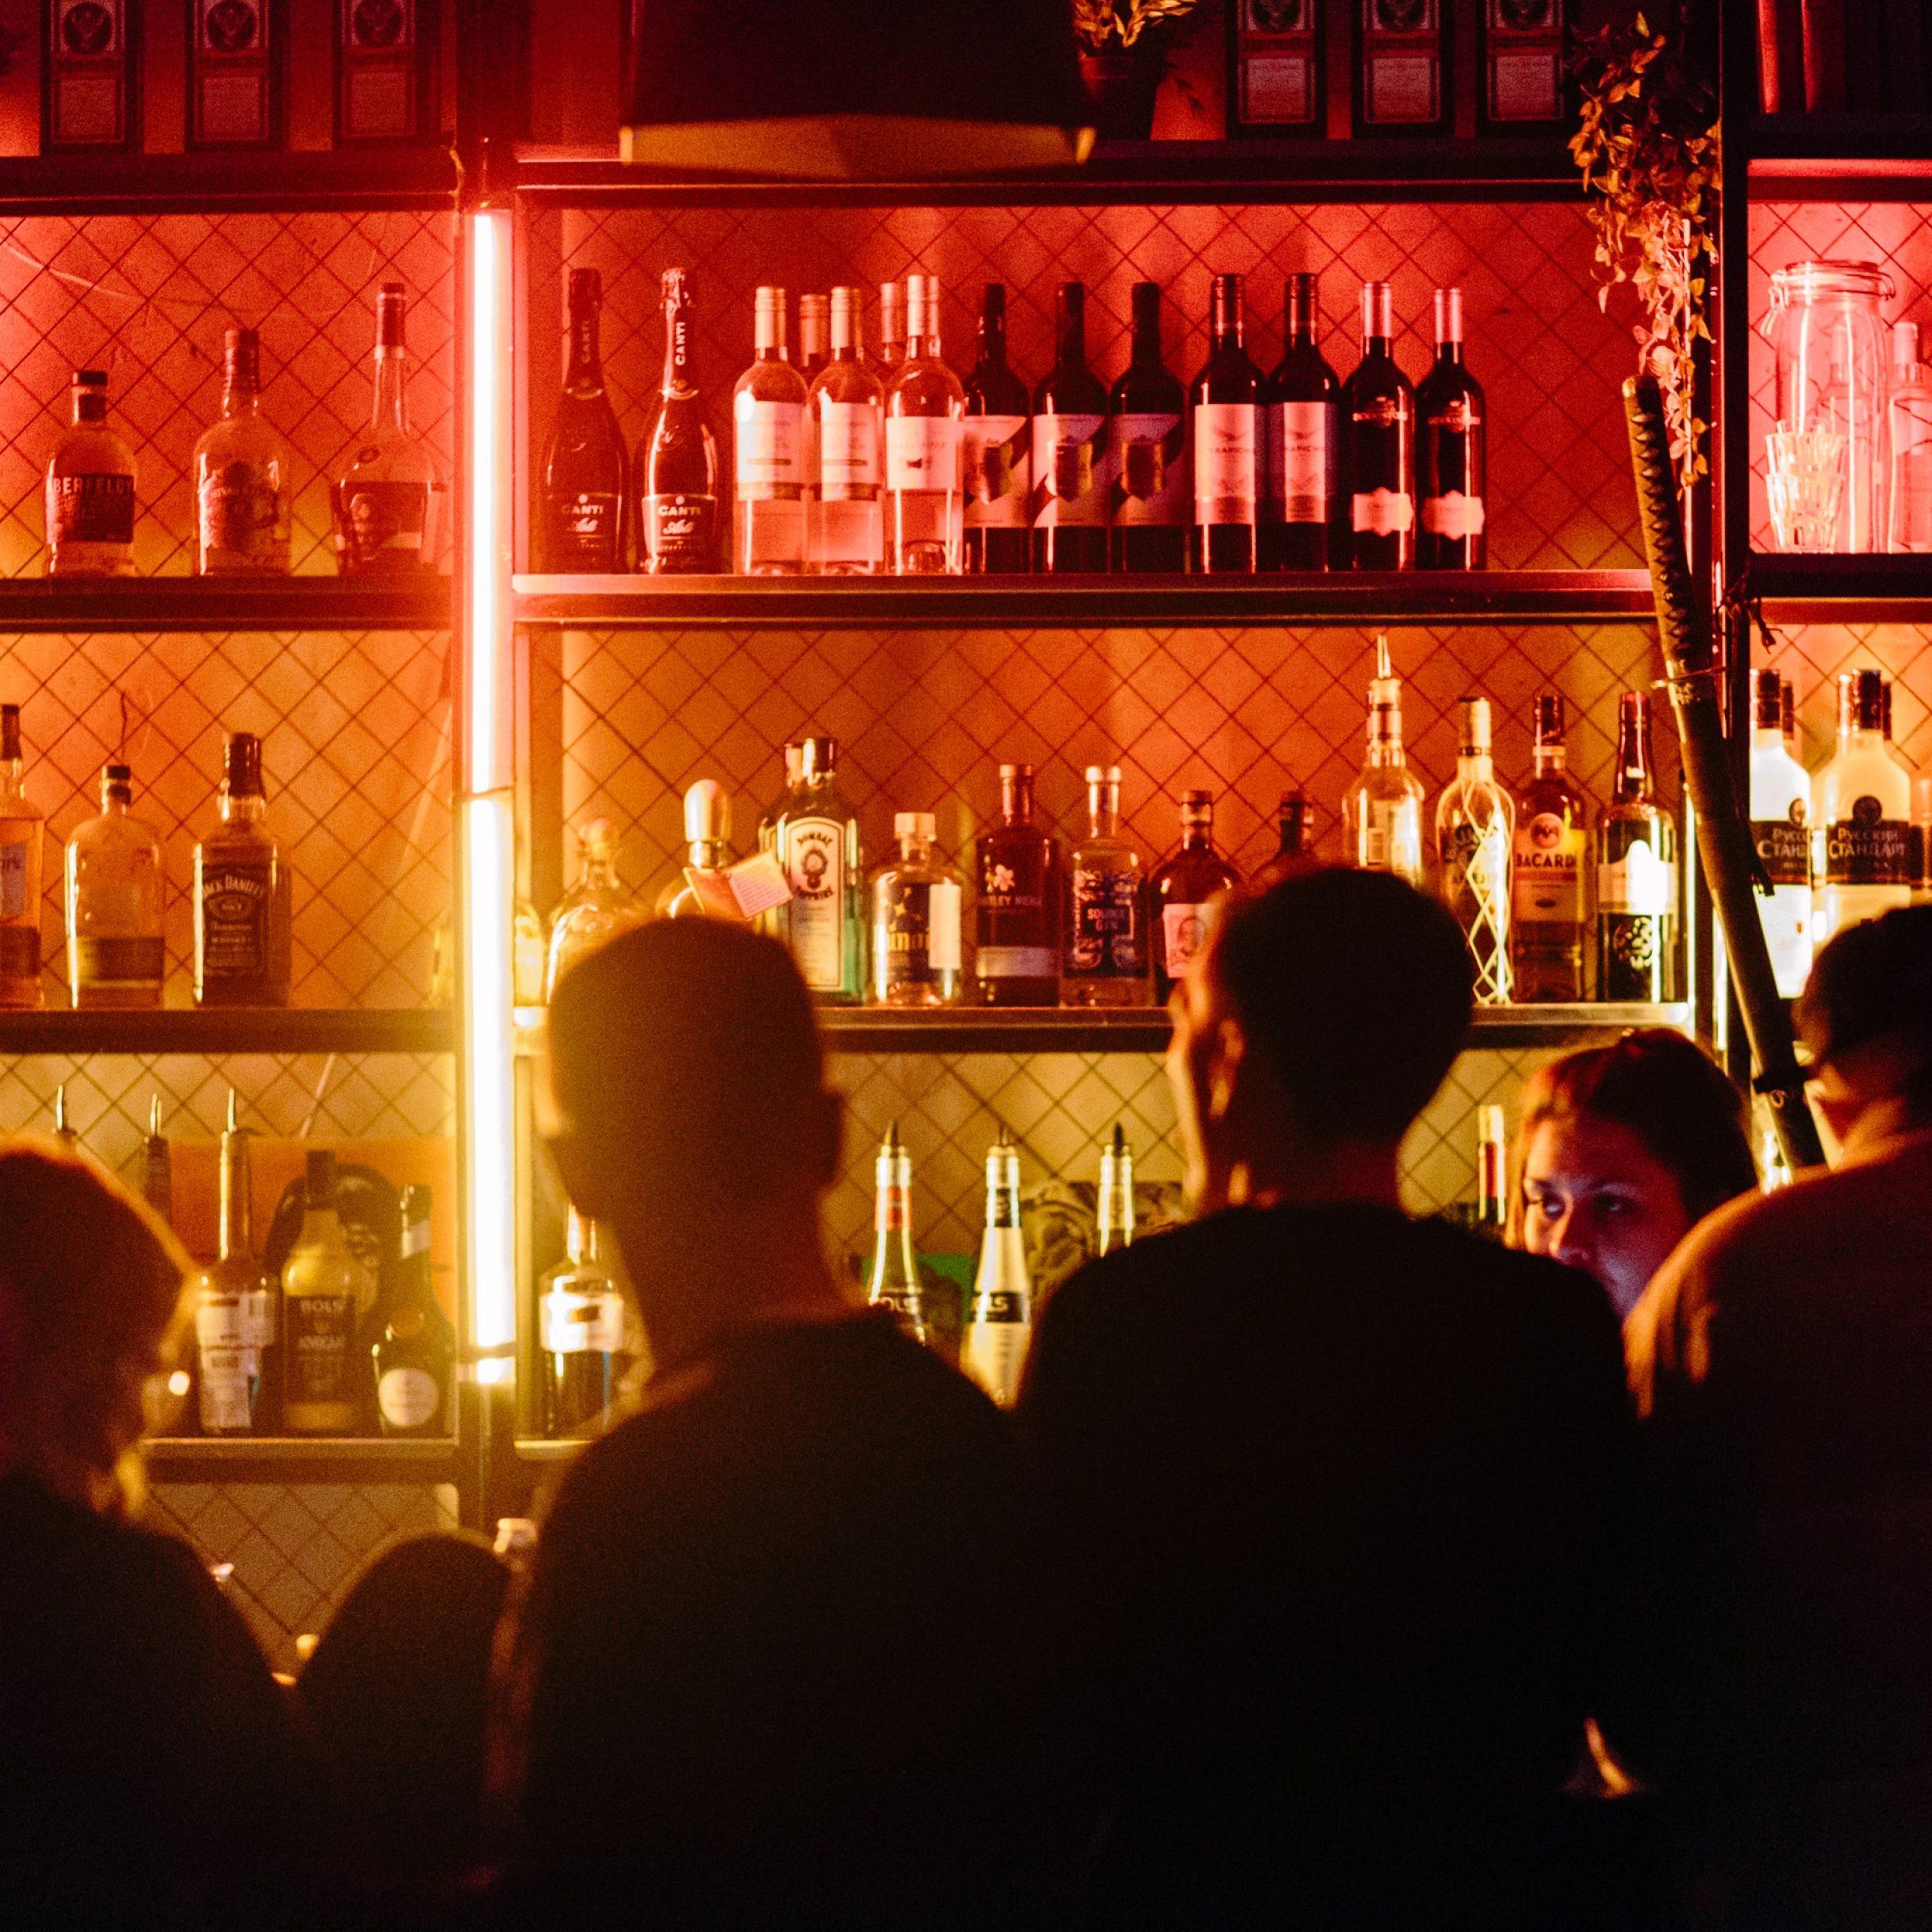 lokale gastronomiczne, czyli restauracje, puby, bary nie mogą działać stacjonarnie, obostrzenia